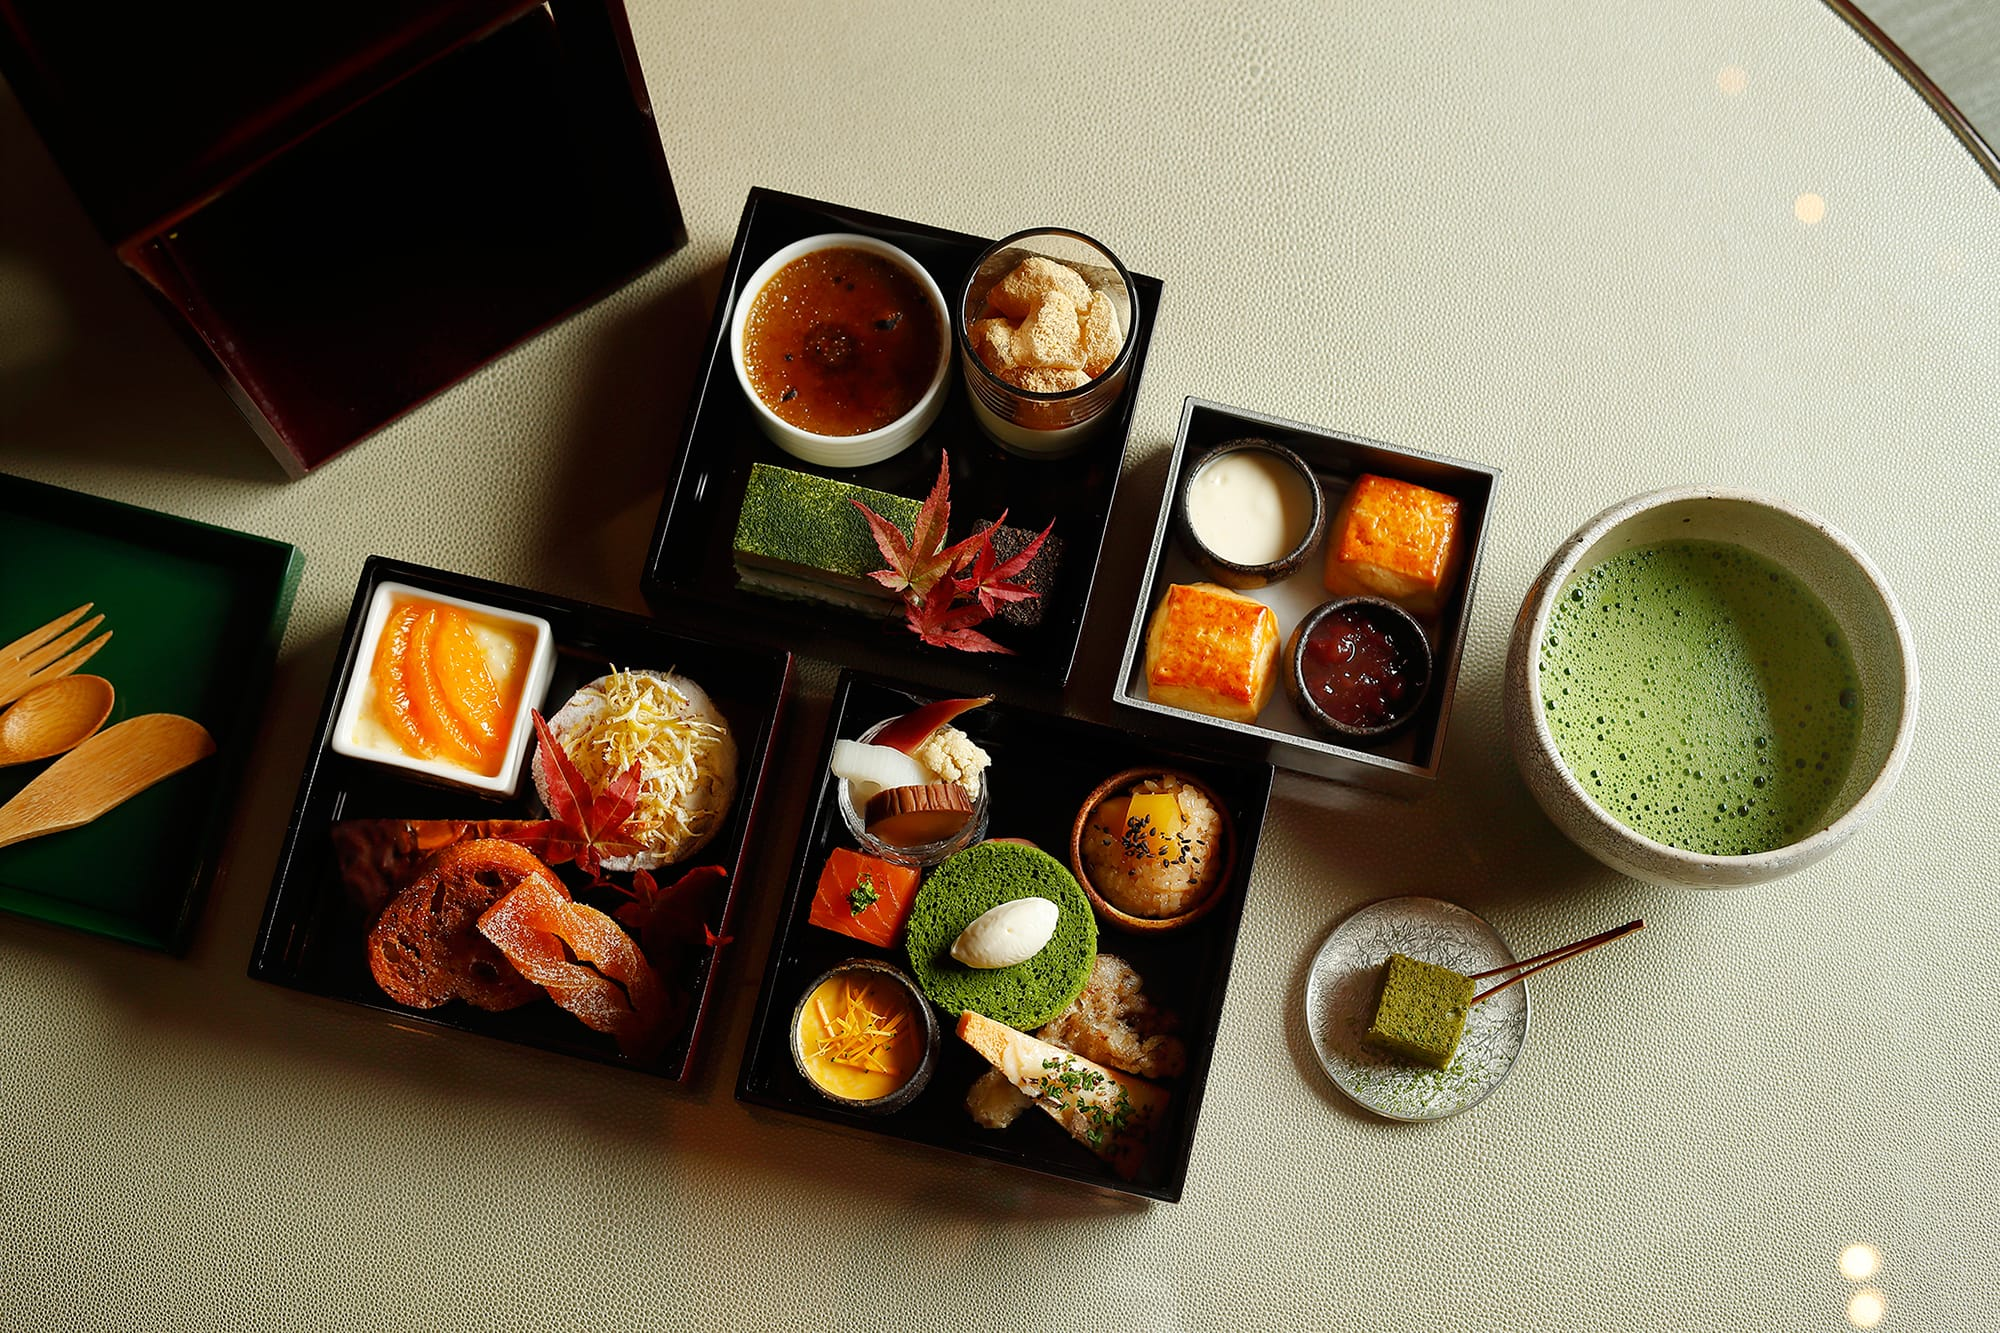 有機茶葉の味わいを堪能する日本茶スイーツ、お茶とのペアリングを楽しむセイボリーが詰まった豪華な三段重。